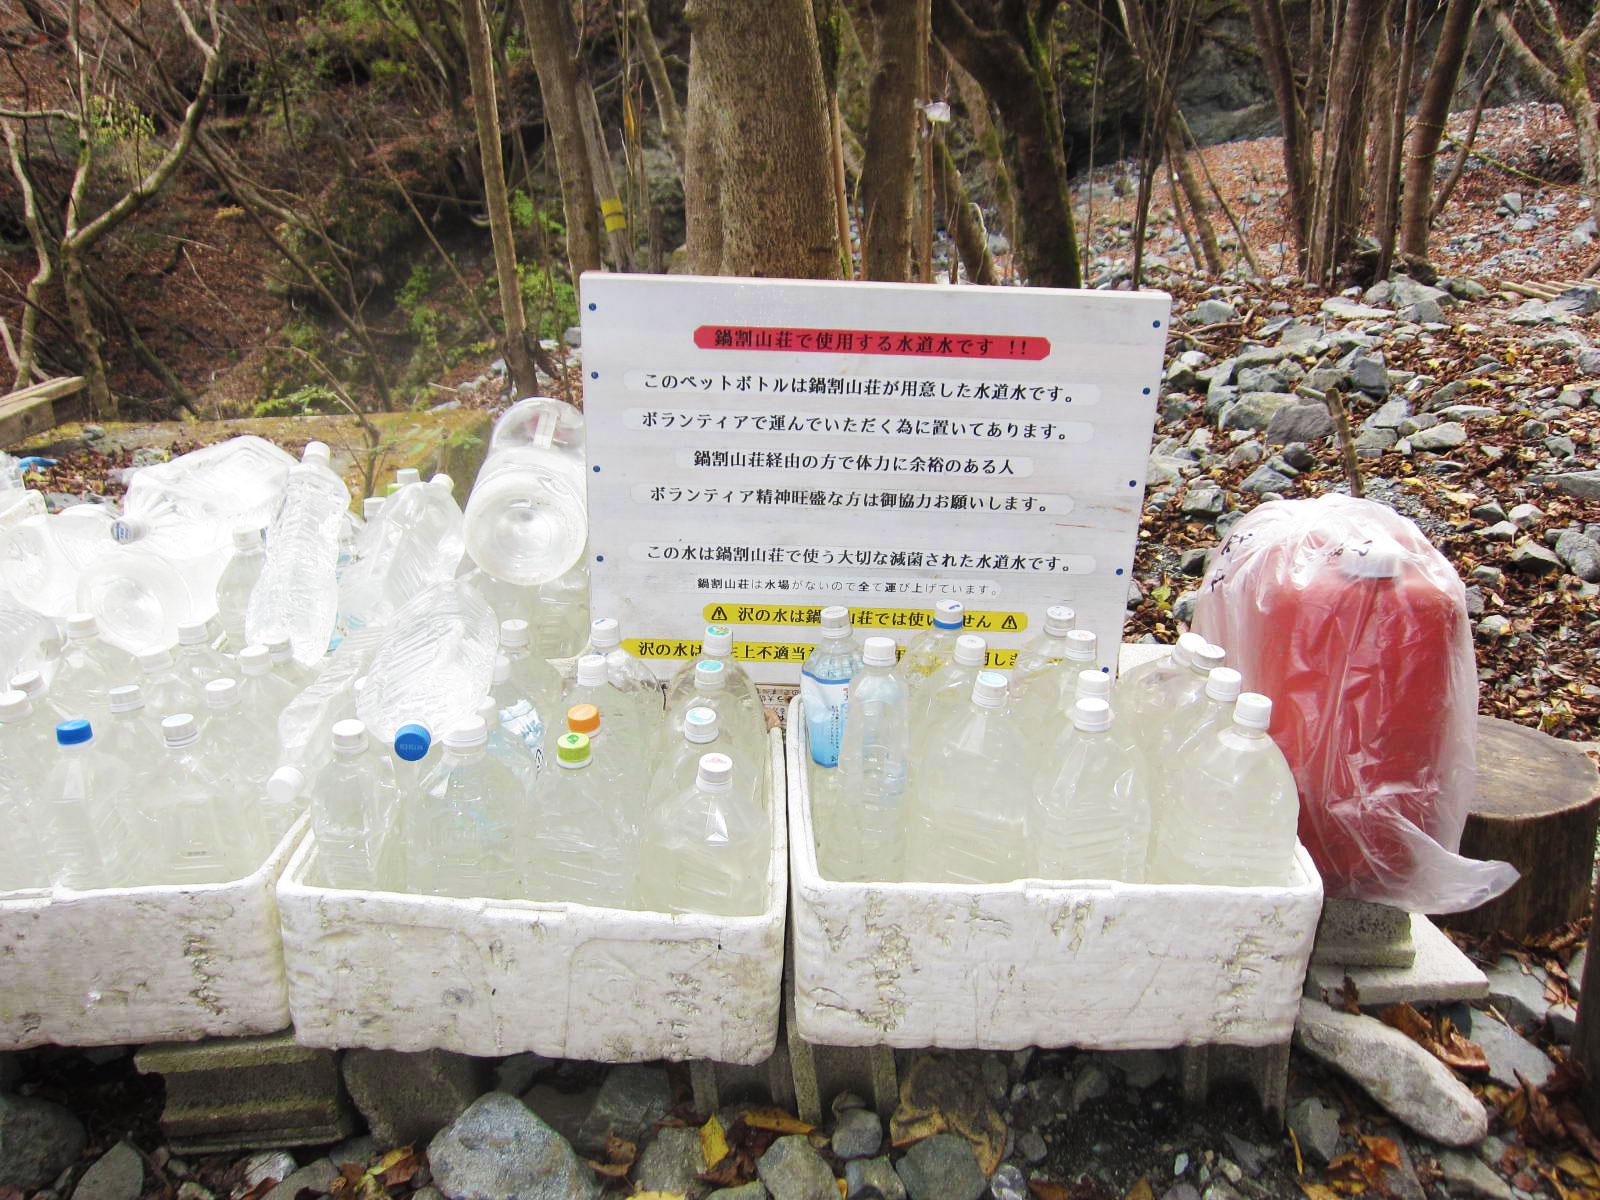 二俣・鍋割山荘からのお願い